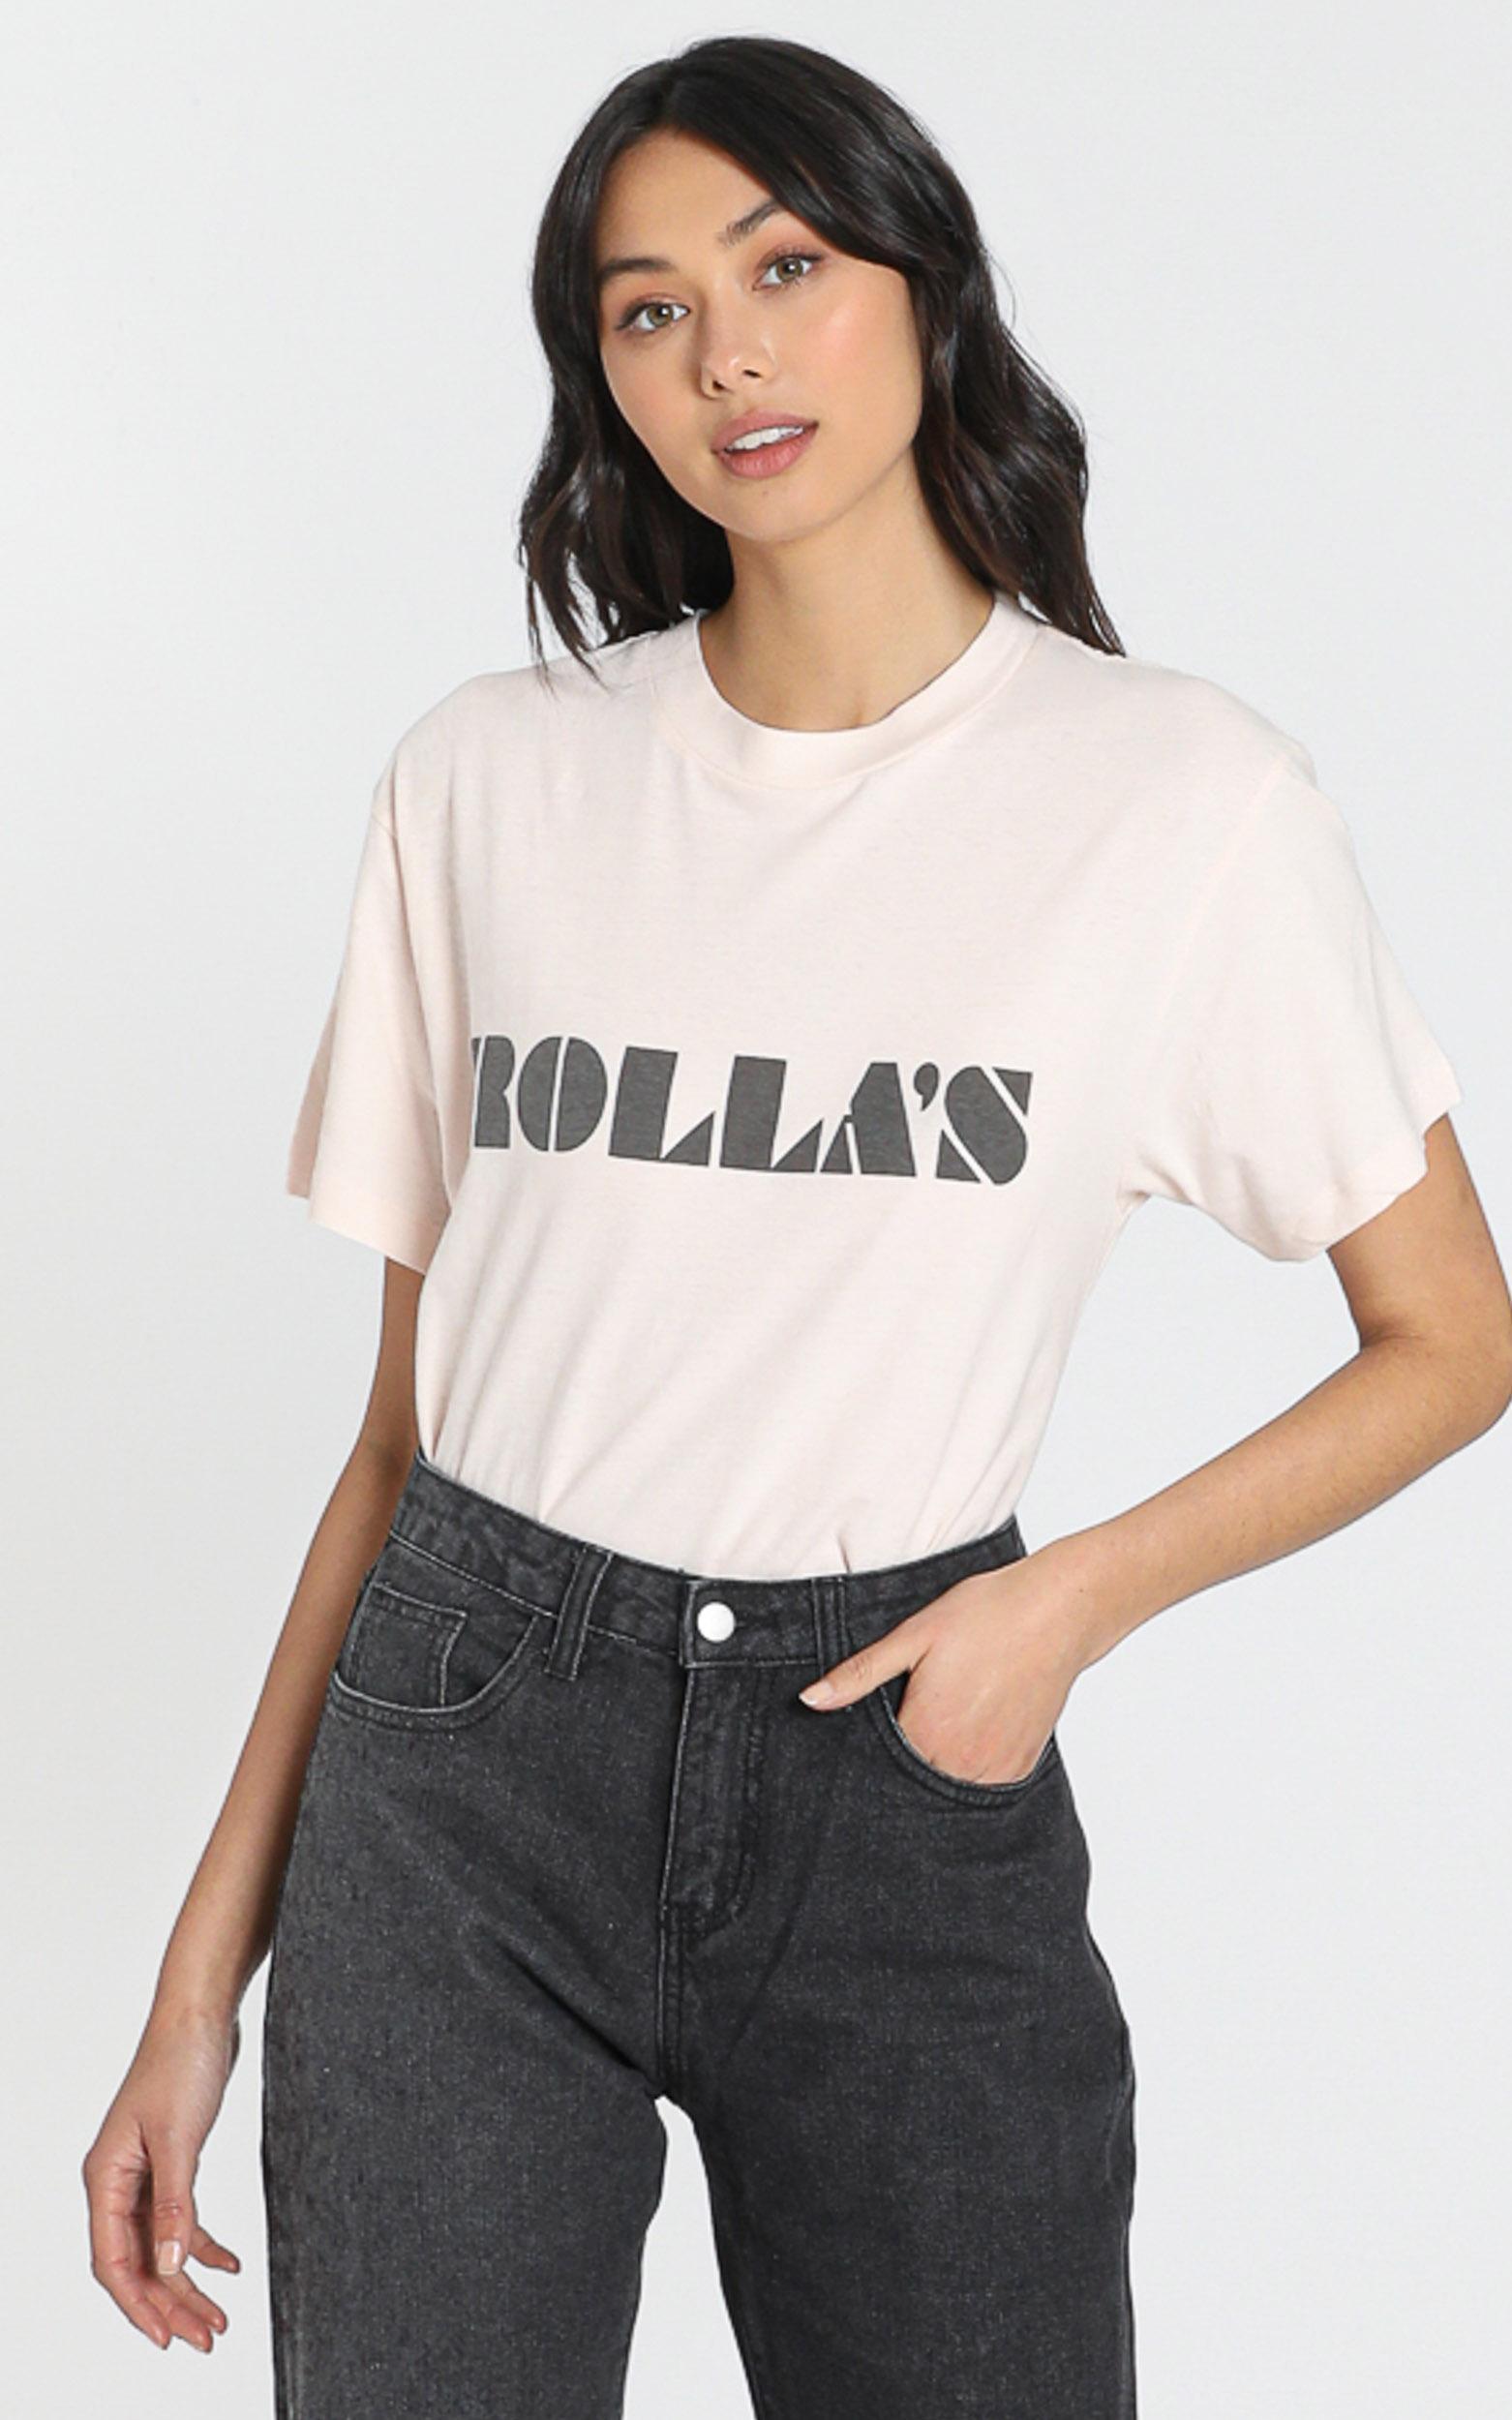 Rollas - Tomboy Logo Tee Soft Pink - 6 (XS), Blush, hi-res image number null